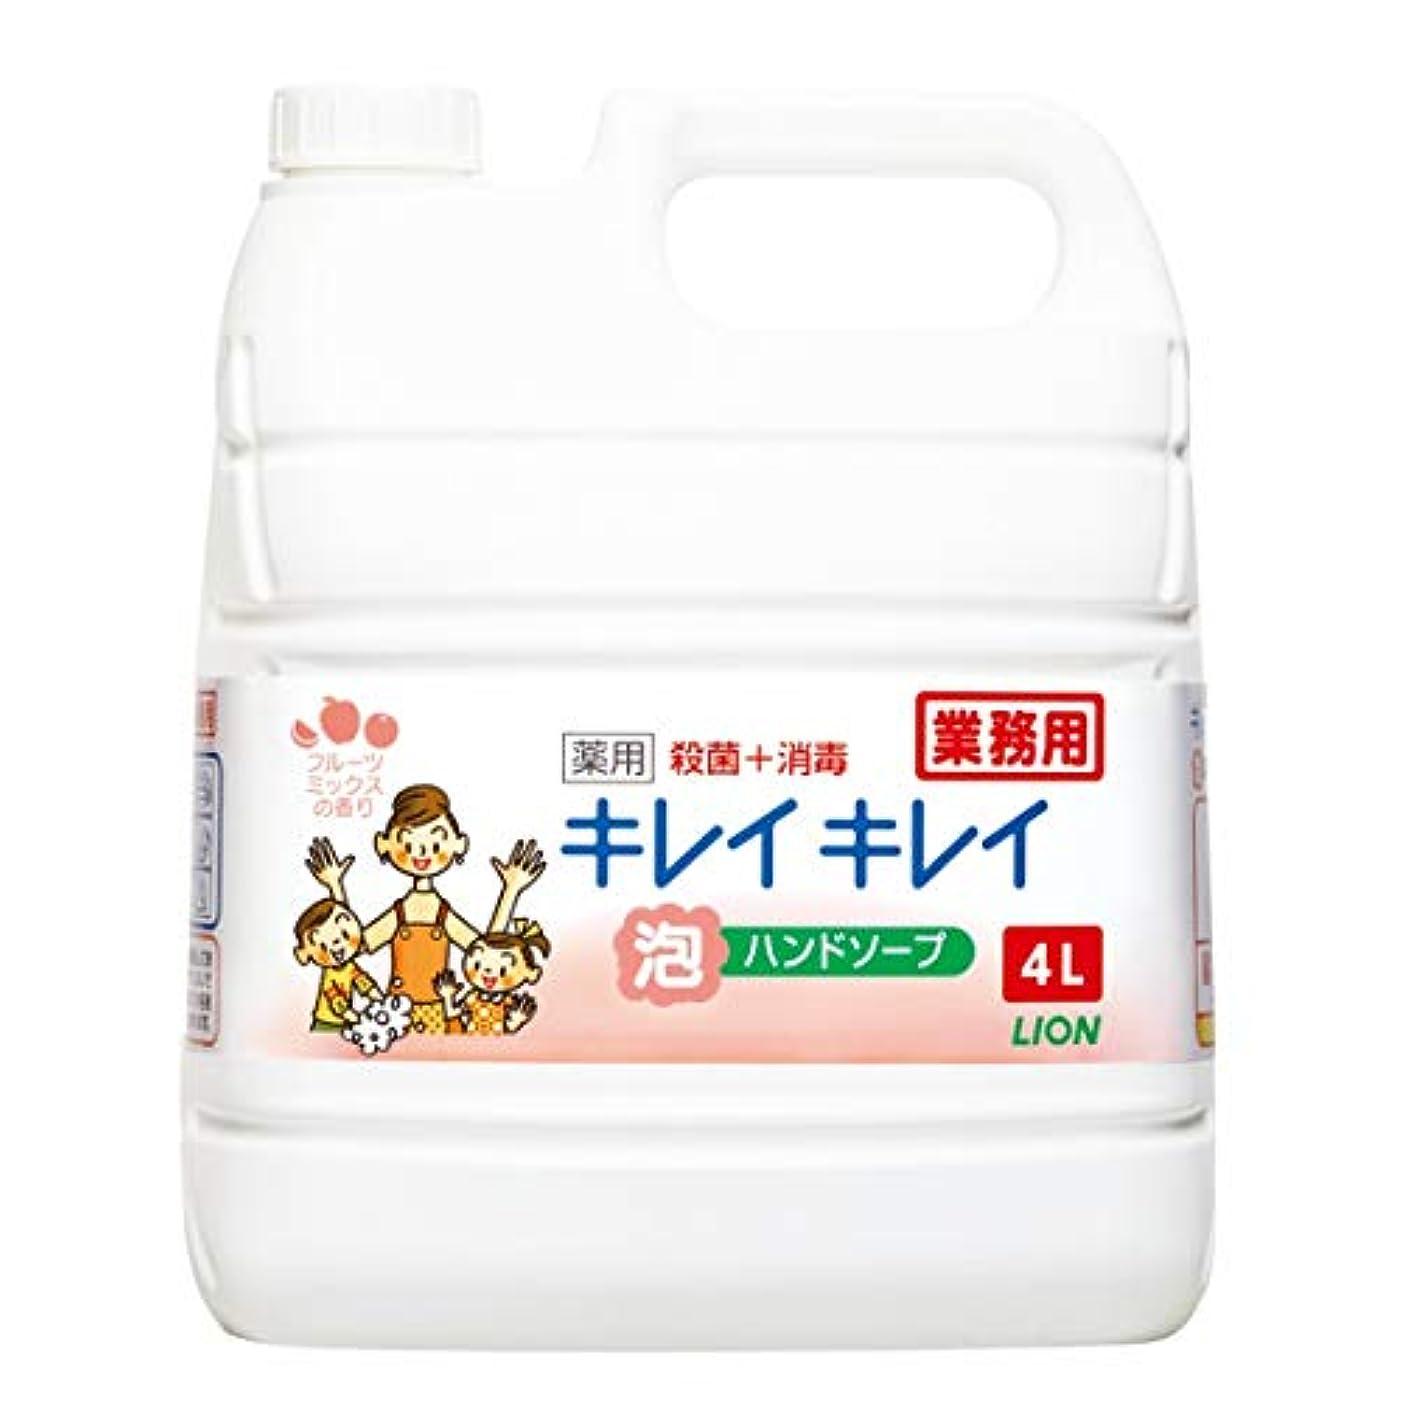 敬意不道徳乱雑な【業務用 大容量】キレイキレイ 薬用 泡ハンドソープフルーツミックスの香り 4L(医薬部外品)